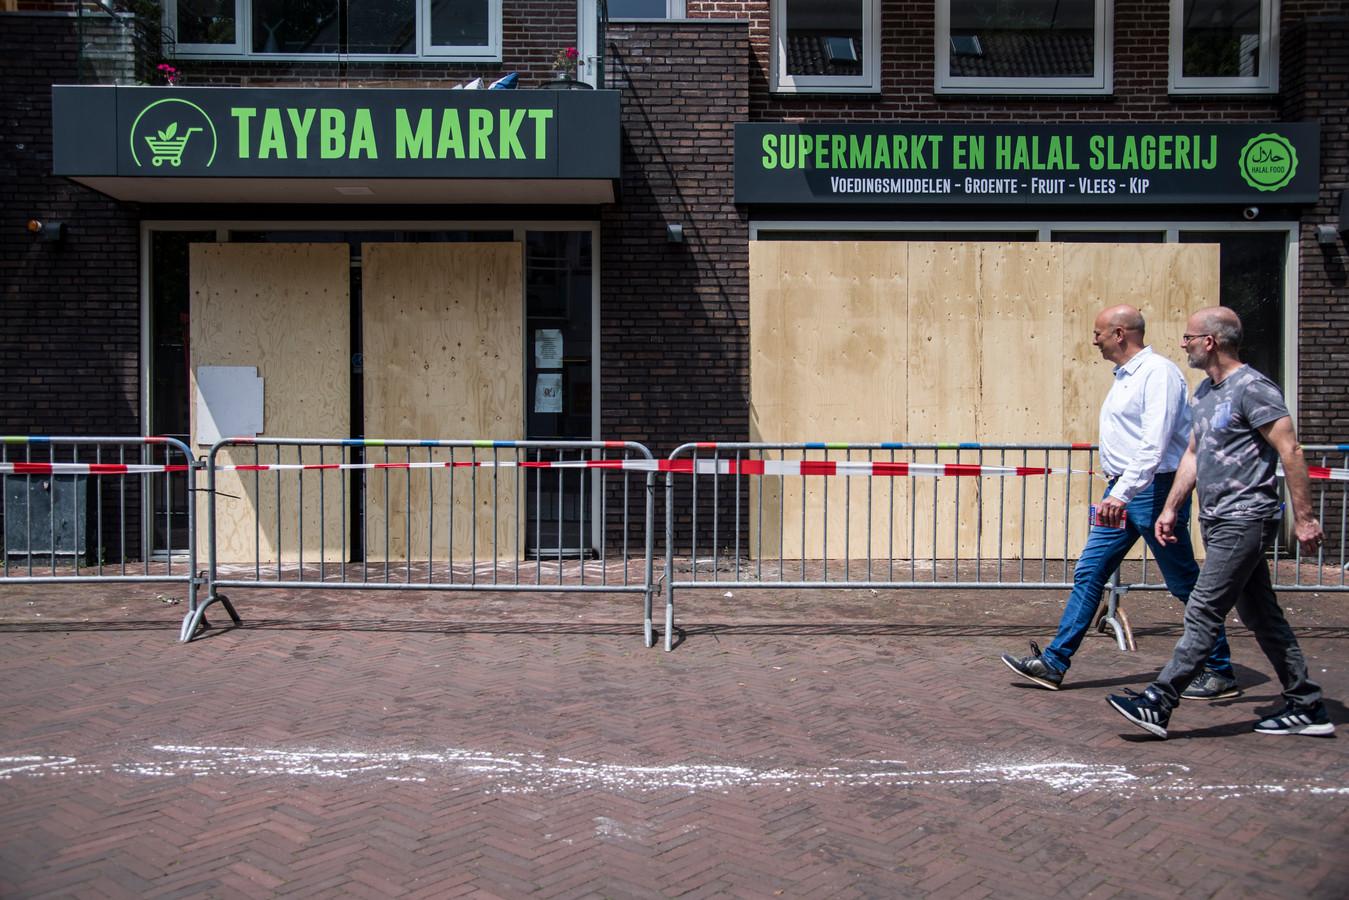 De deur en ramen van de Tayba Markt zijn dichtgespijkers na de aanslag met een brandbom.